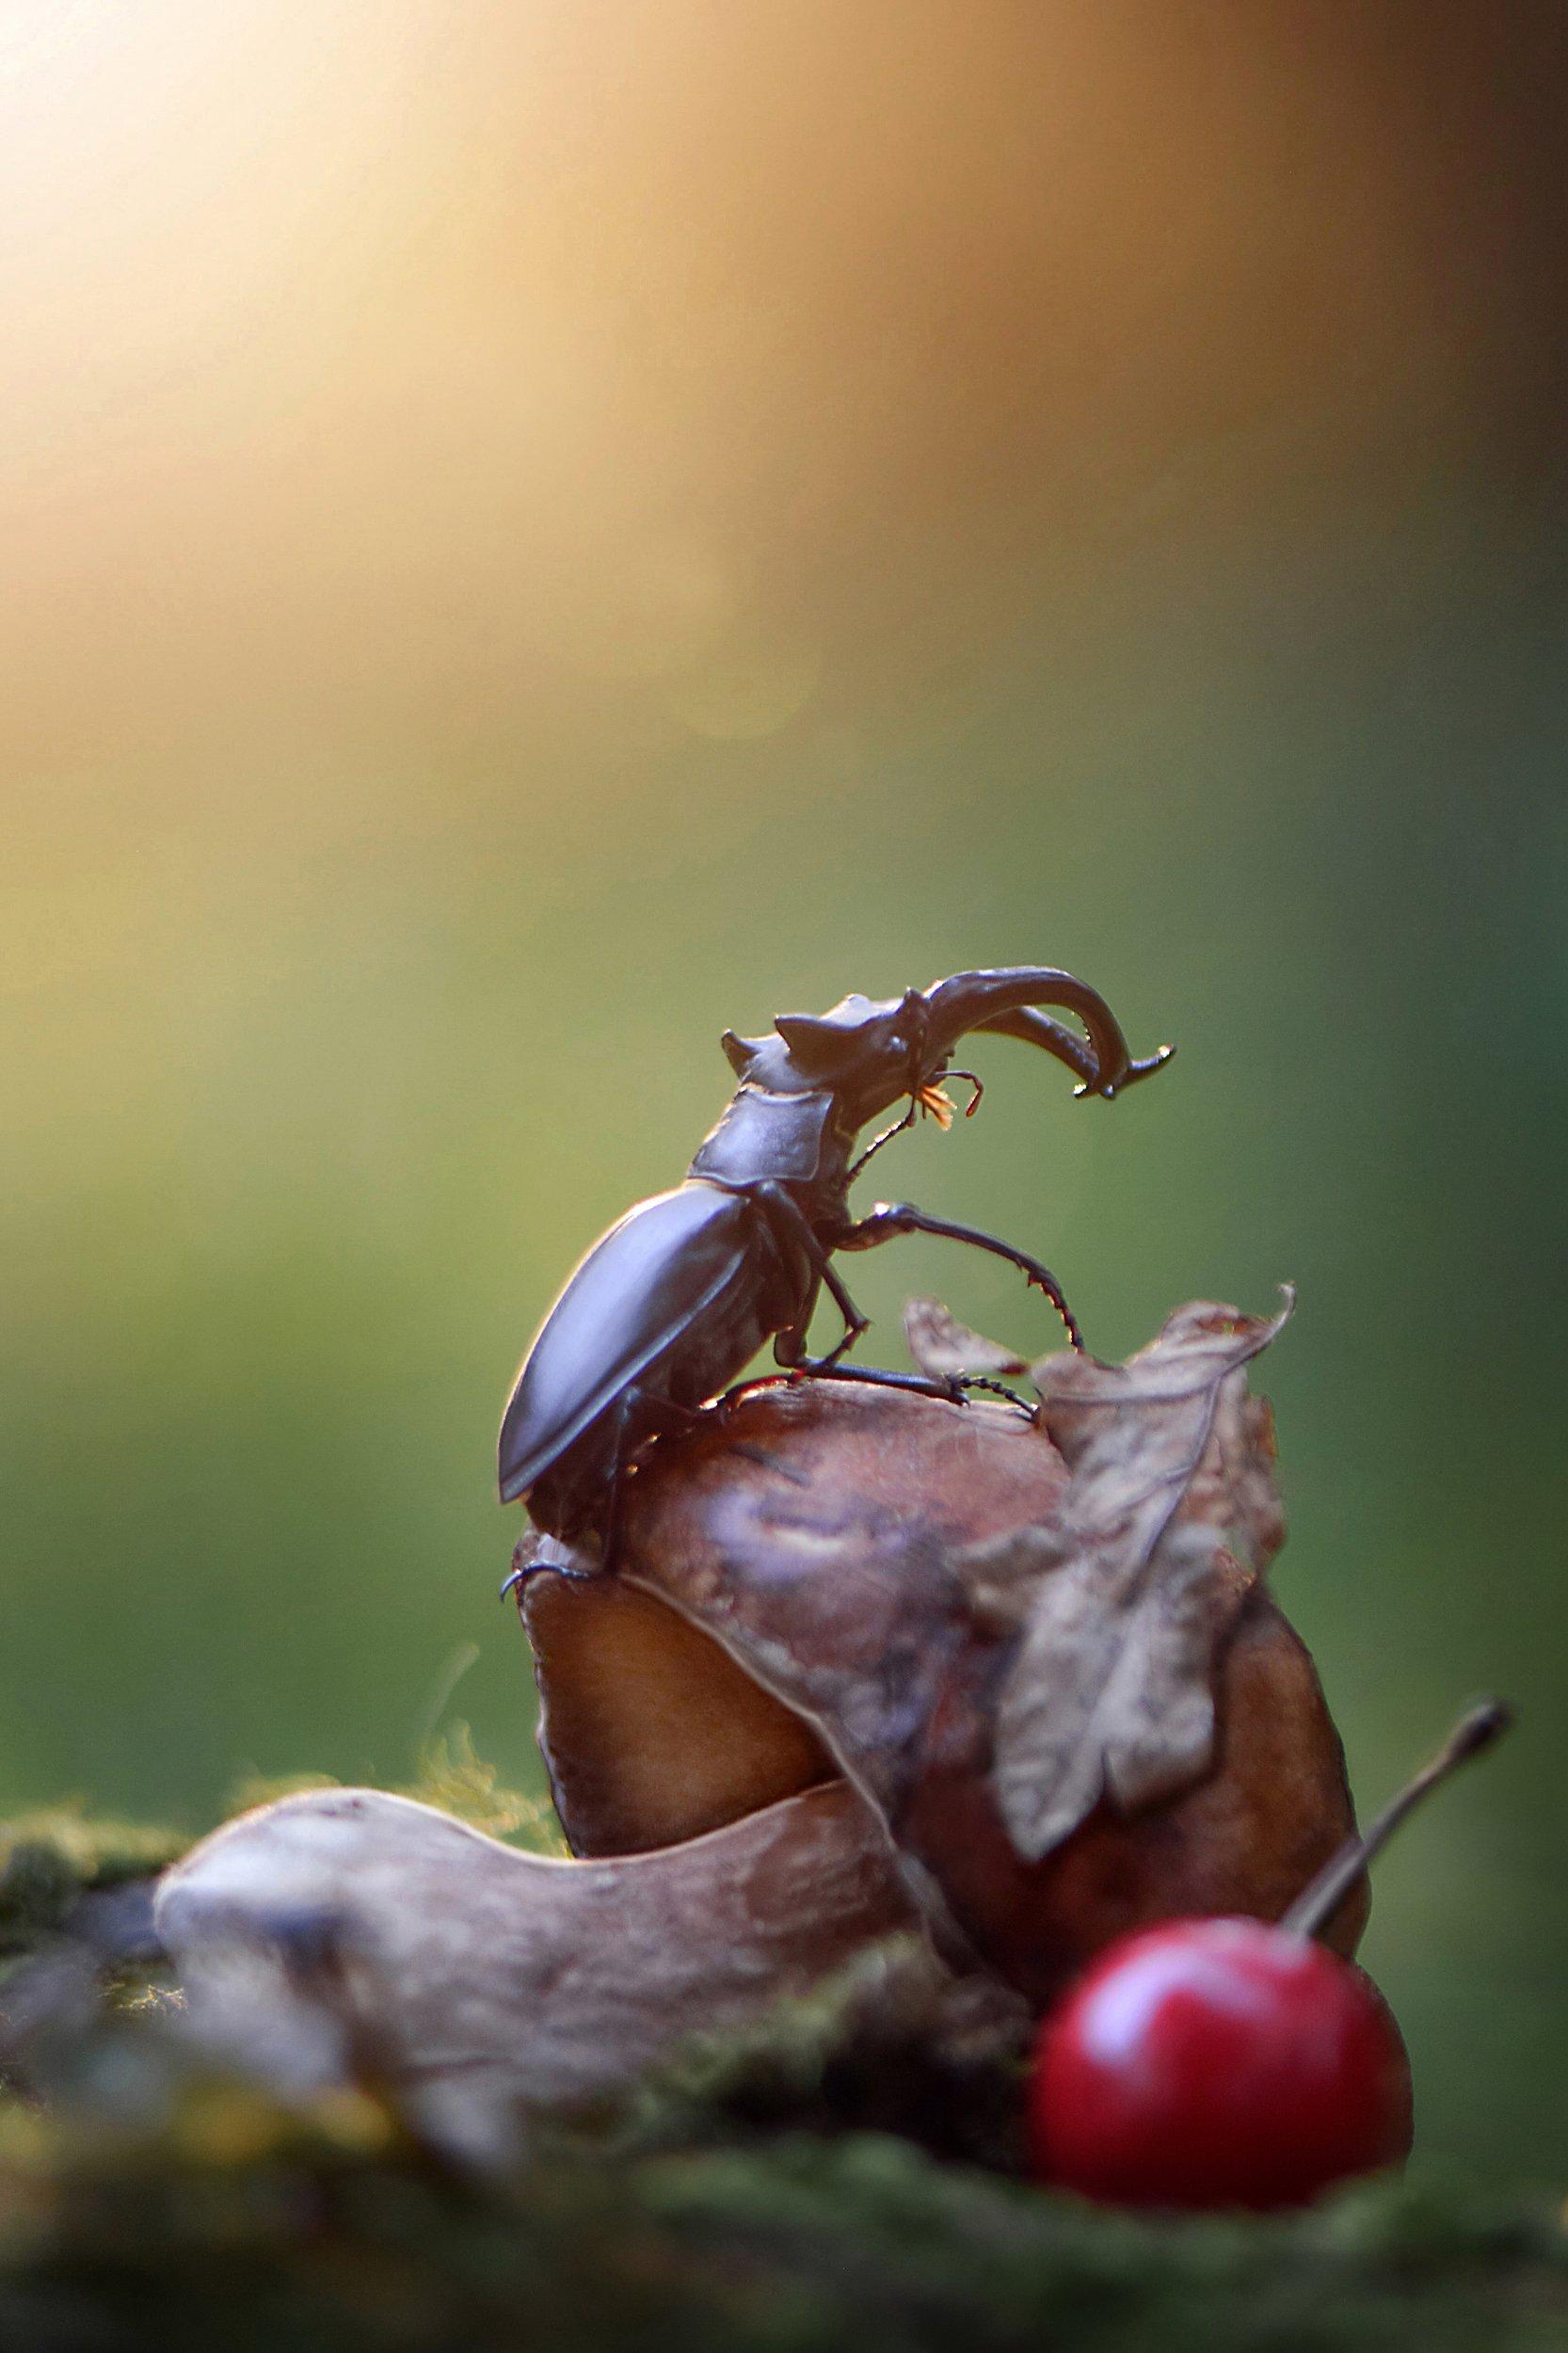 макро, макро фото, жук-олень, жуки, насекомые, вчувствование, макро истории, насекомые,, Быканова Виктория